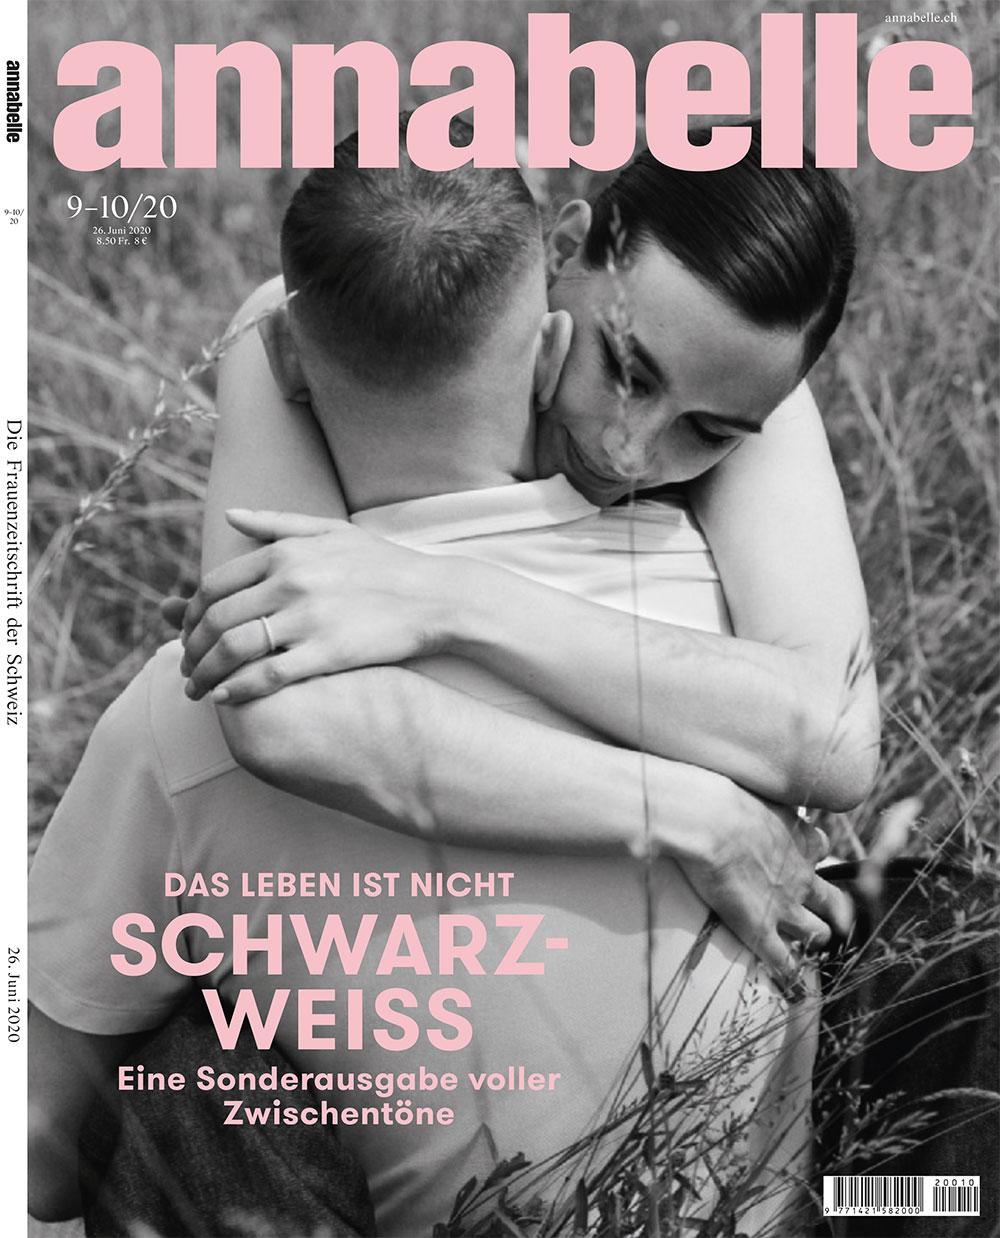 annabelle – 20/09